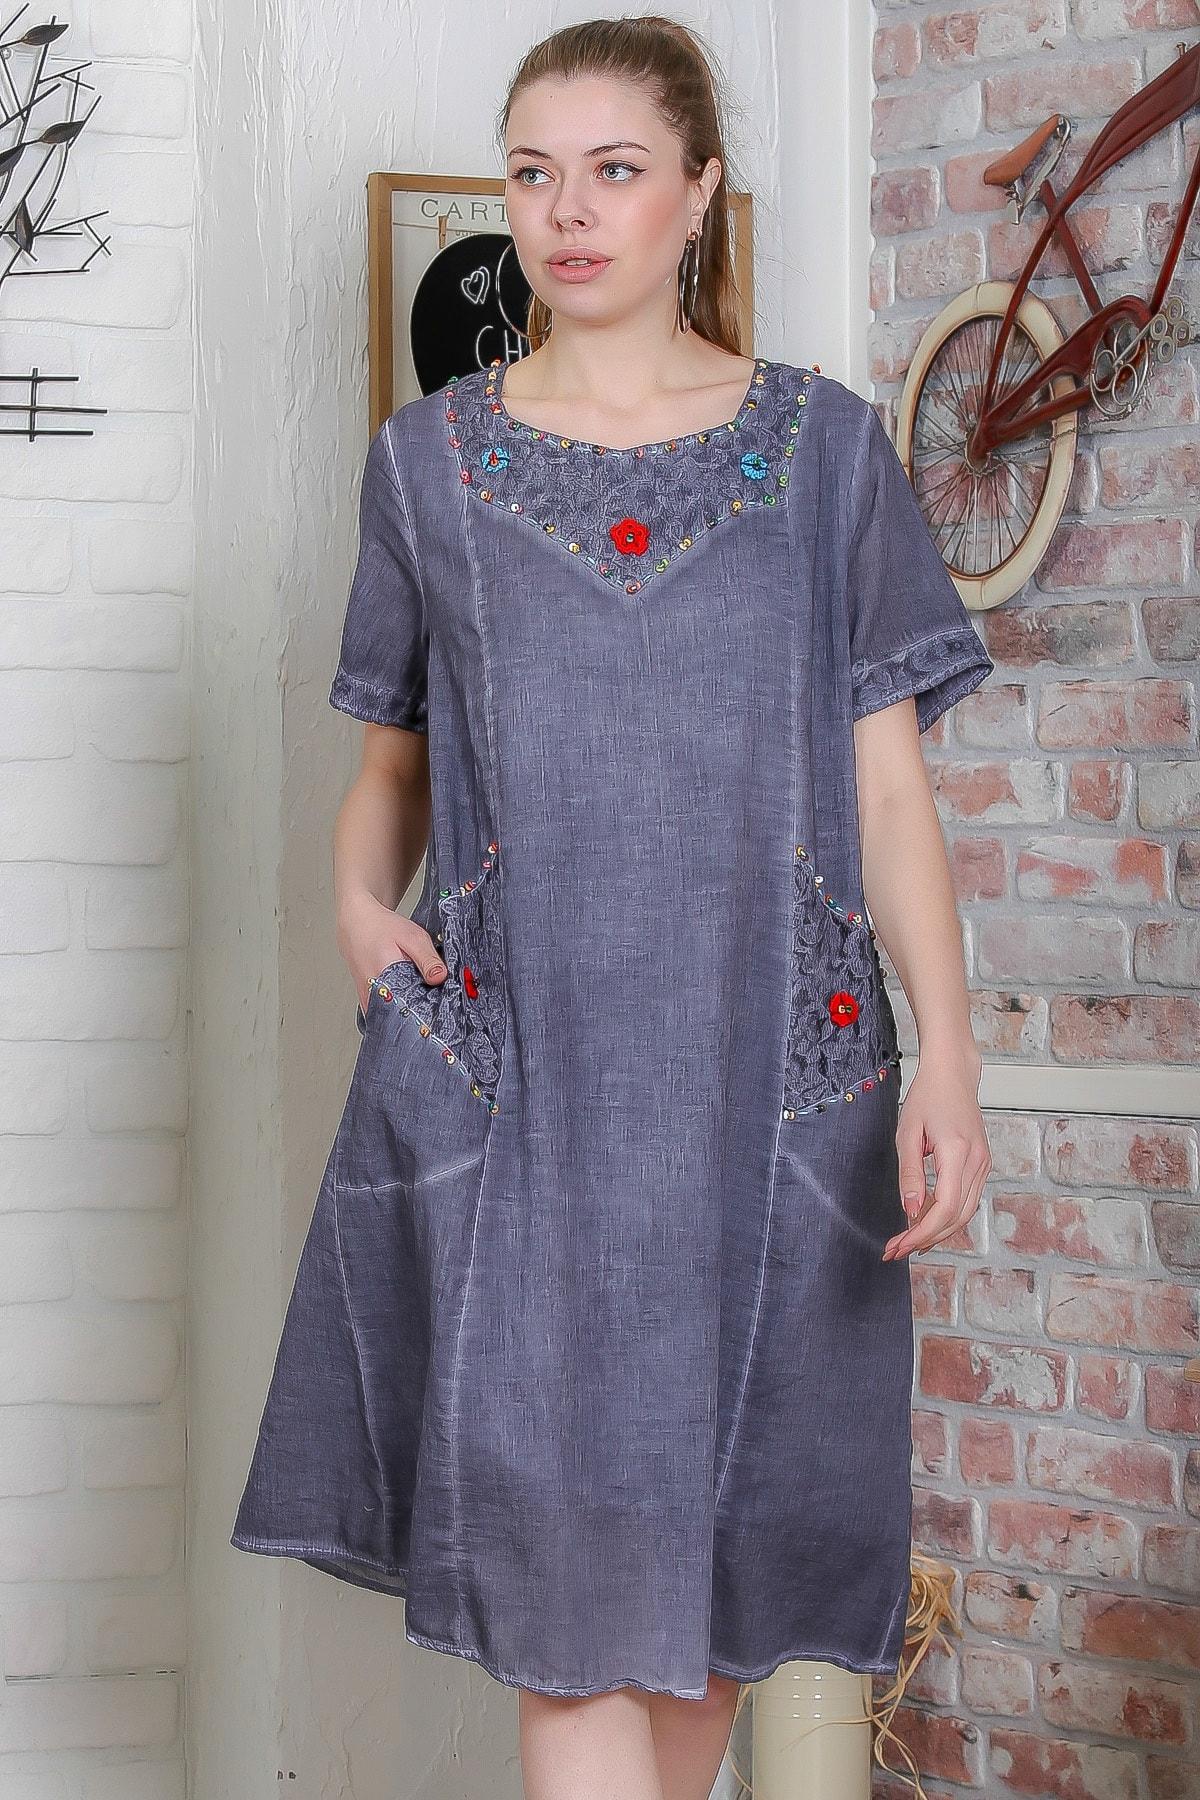 Kadın Füme Dantel Detaylı El İşi Çiçekli Cepli Astarlı Yıkamalı Dokuma Midi Elbise  M10160000EL95439